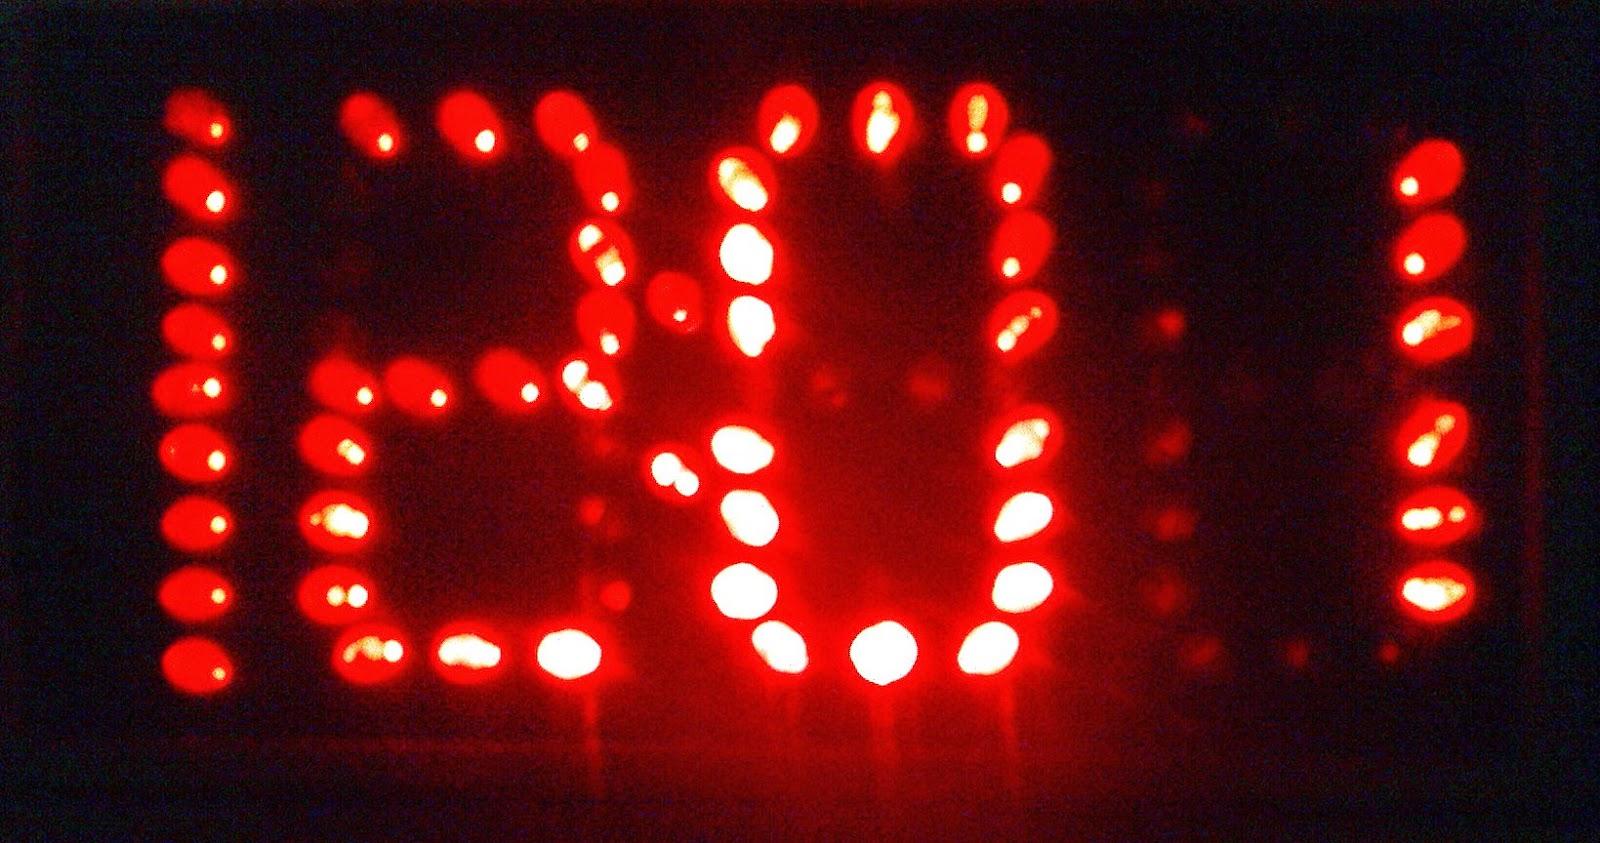 Circuits Lanka Pic 16f628 Digital Led Clock Circuit Onna Yaaluwane Adath Godakma Amuthu Eeth Godaak Watinaa Kiyana Post Ekak Aragena Thamai Mama Aawea Hadaaganne Kohomada Kiyala